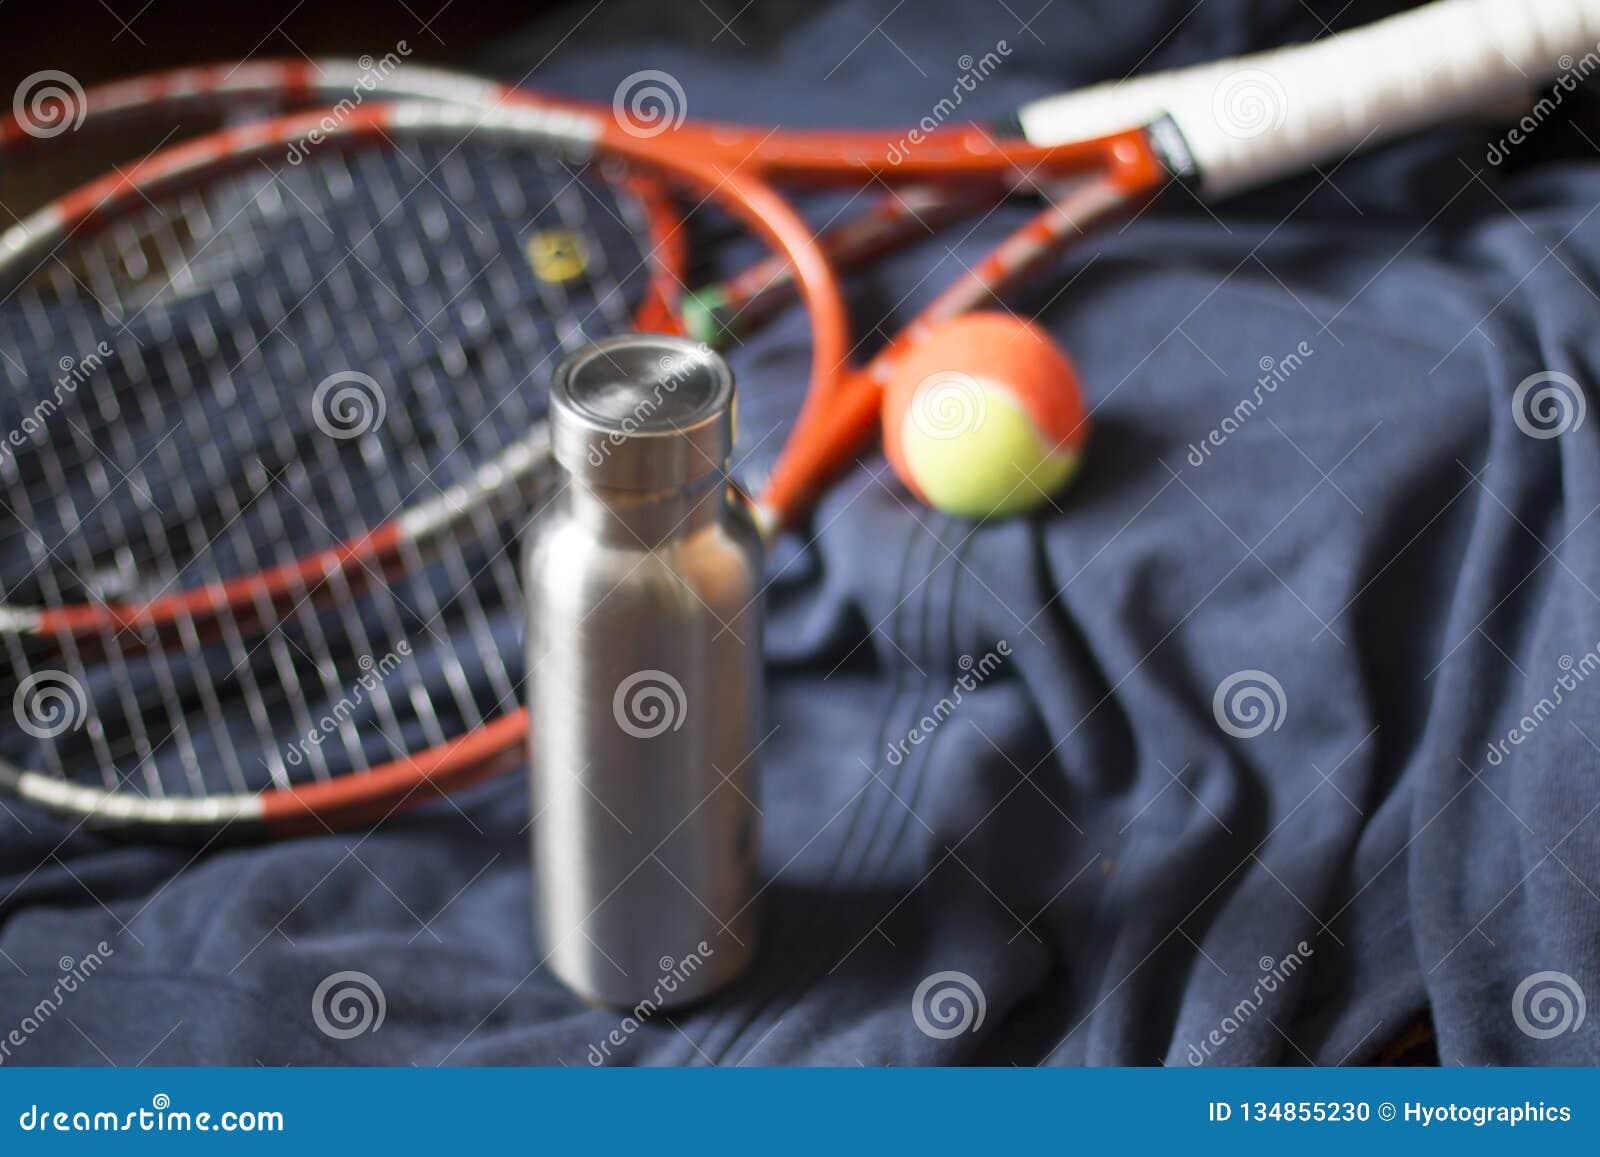 Μονωμένο ανοξείδωτο μπουκάλι με τη ρακέτα και τη σφαίρα αντισφαίρισης